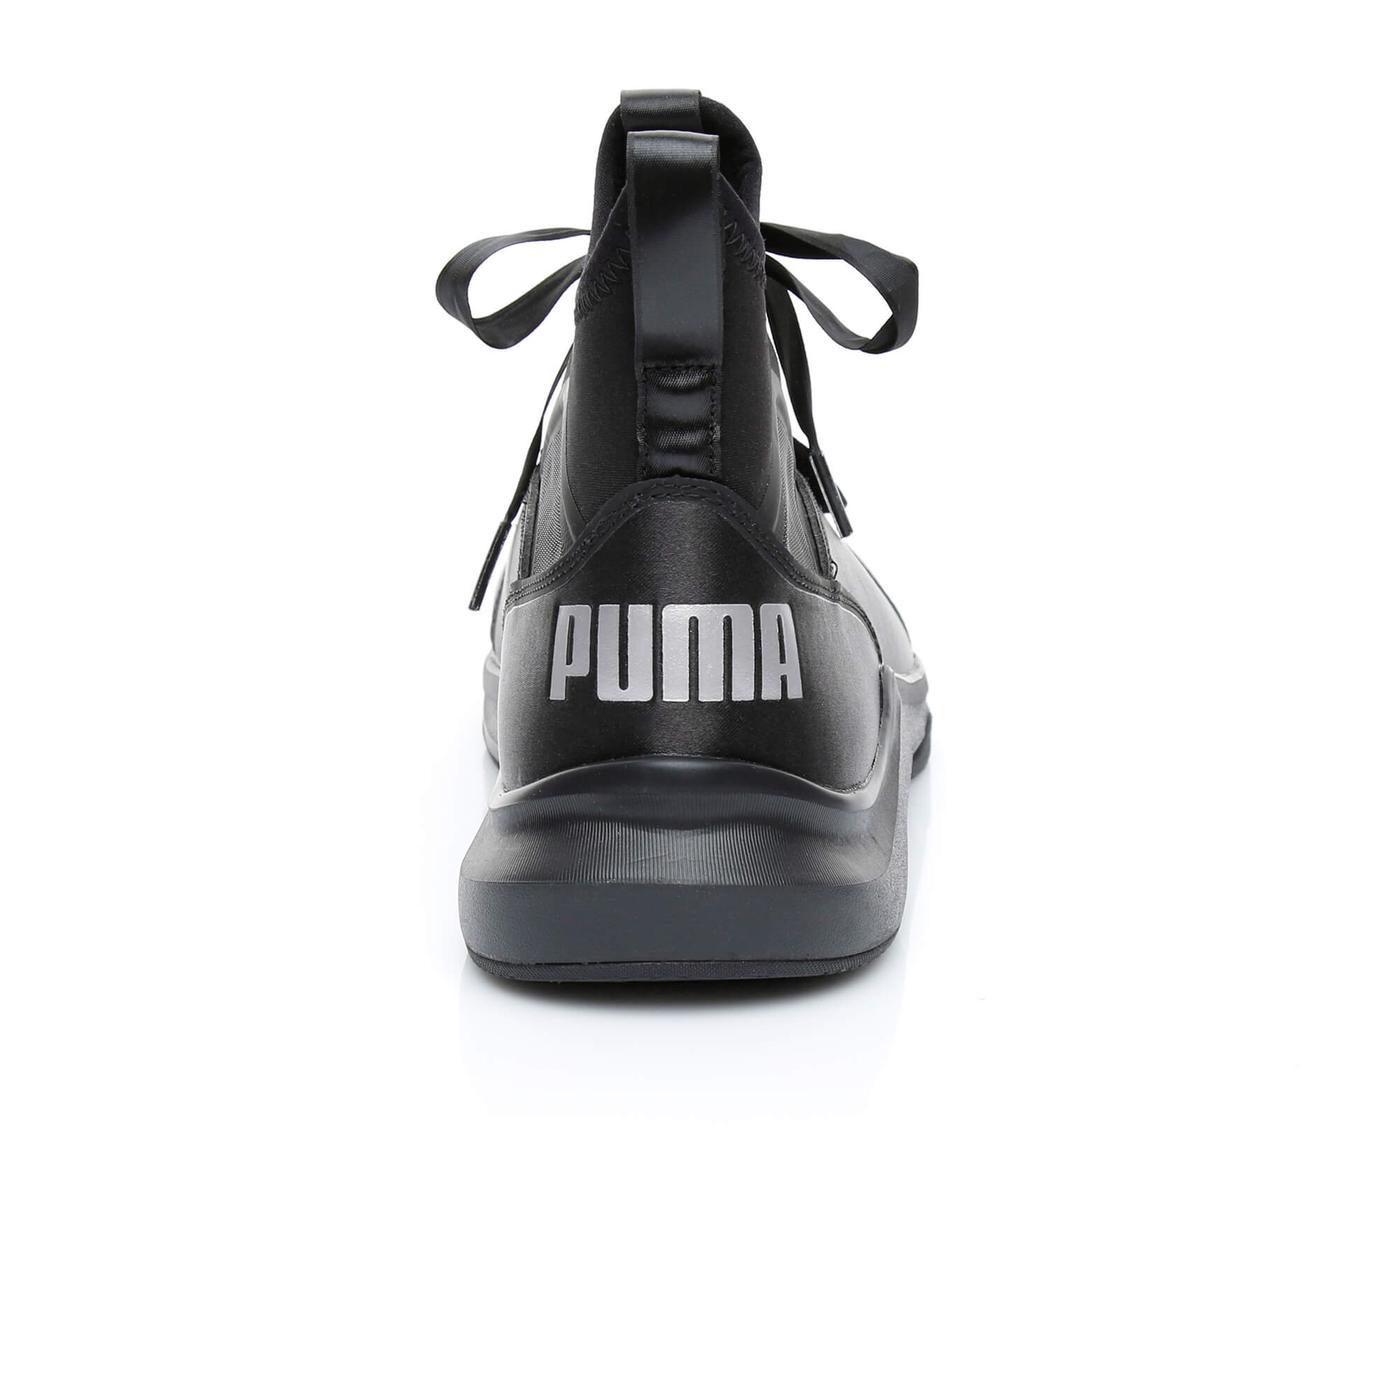 Puma Phenom Satin EP Kadın Siyah Spor Ayakkabı